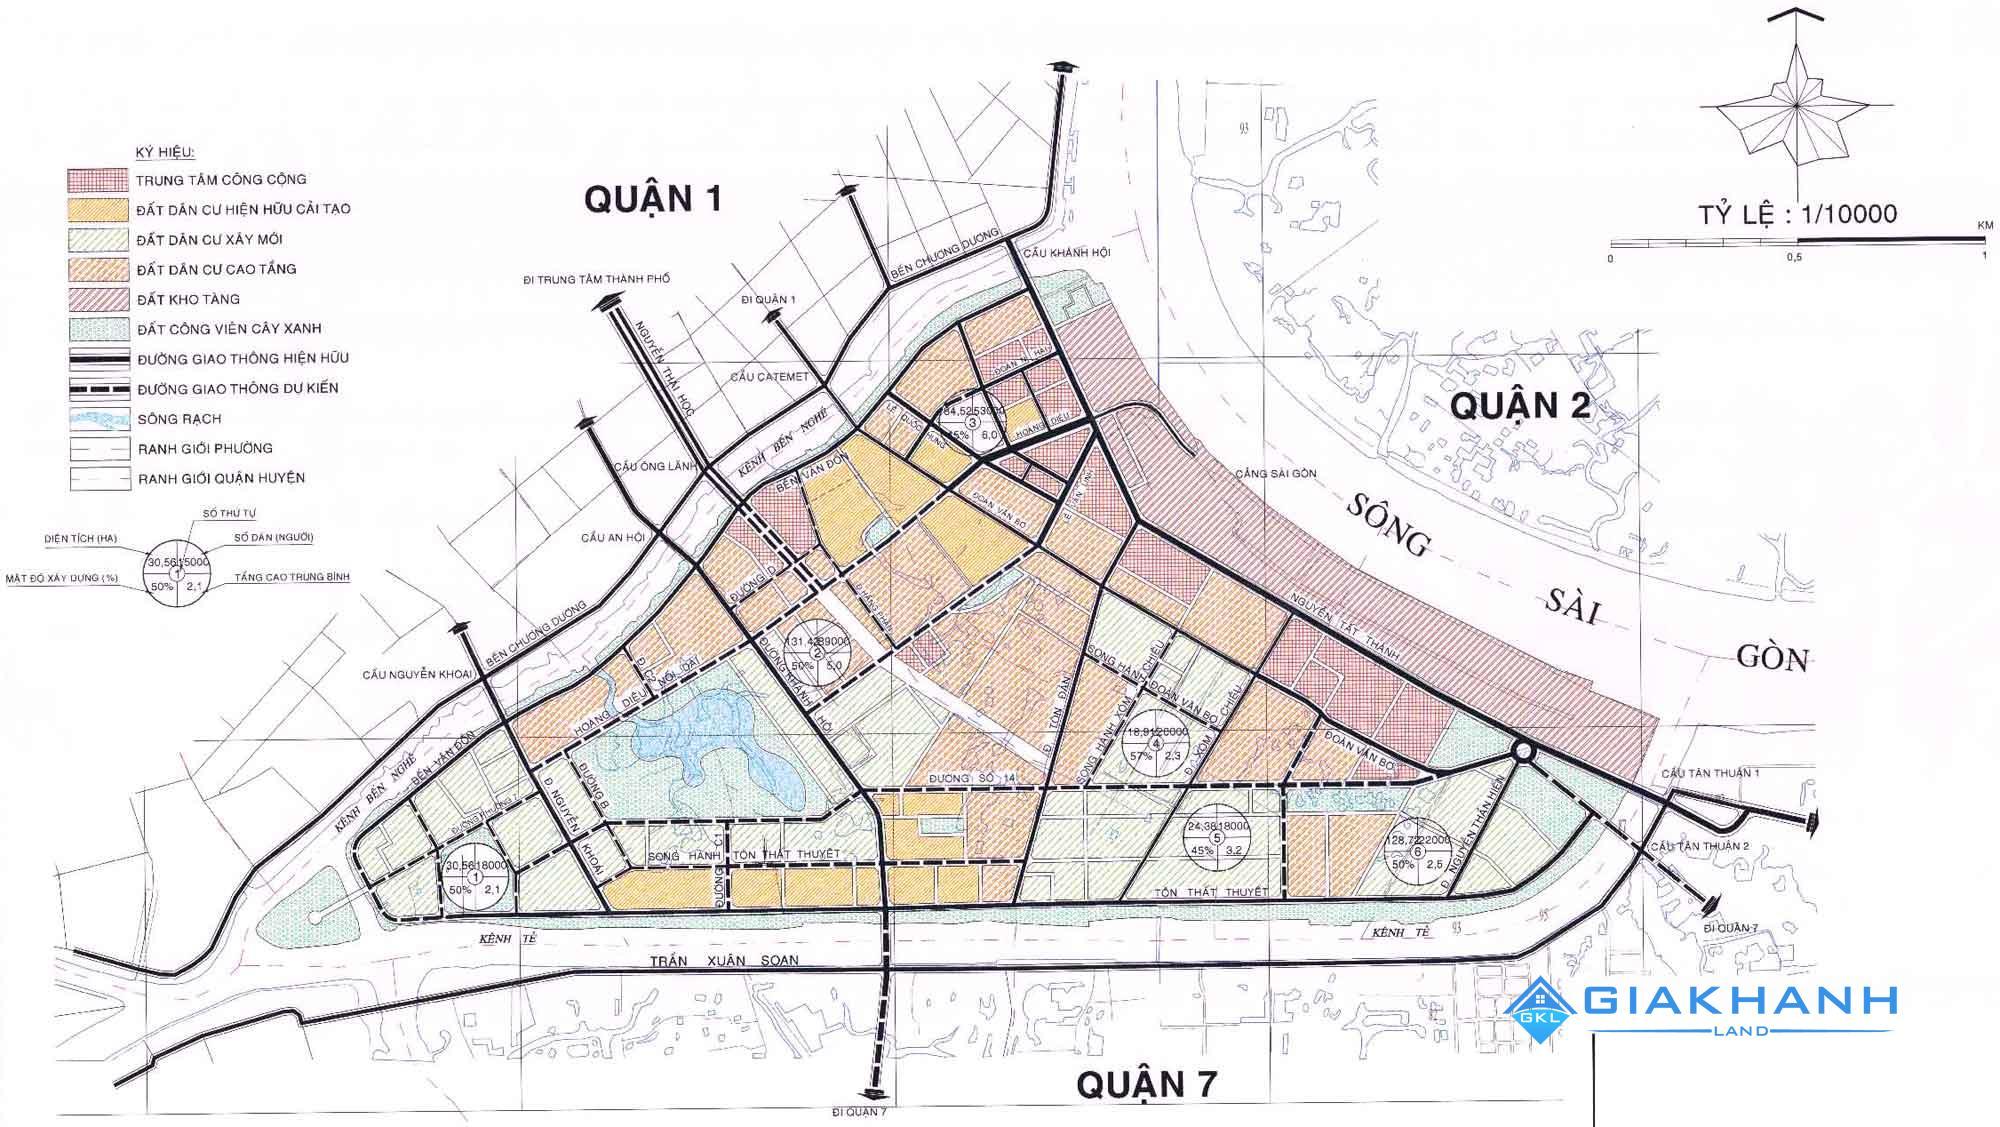 Bản đồ quy hoạch các dự án Quận 4 mới nhất